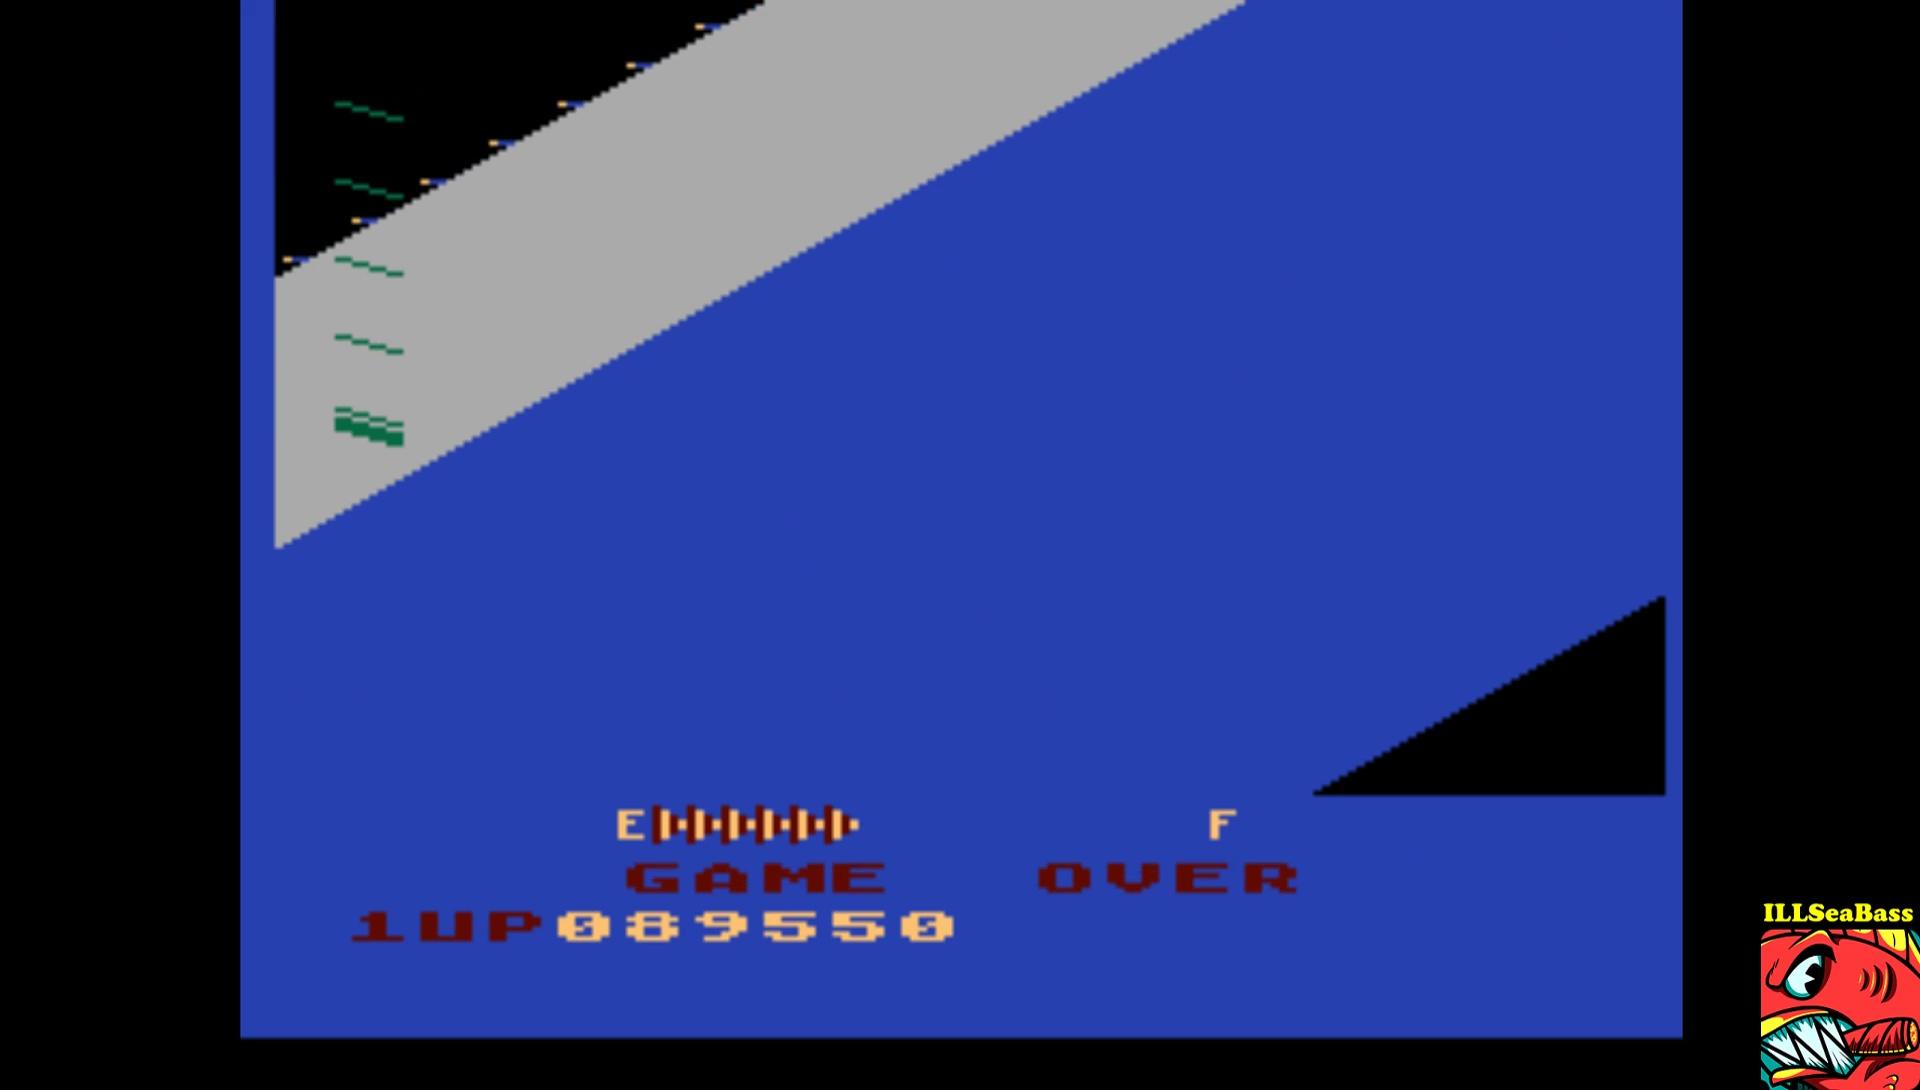 ILLSeaBass: Zaxxon (Atari 5200 Emulated) 89,550 points on 2017-03-07 00:39:44